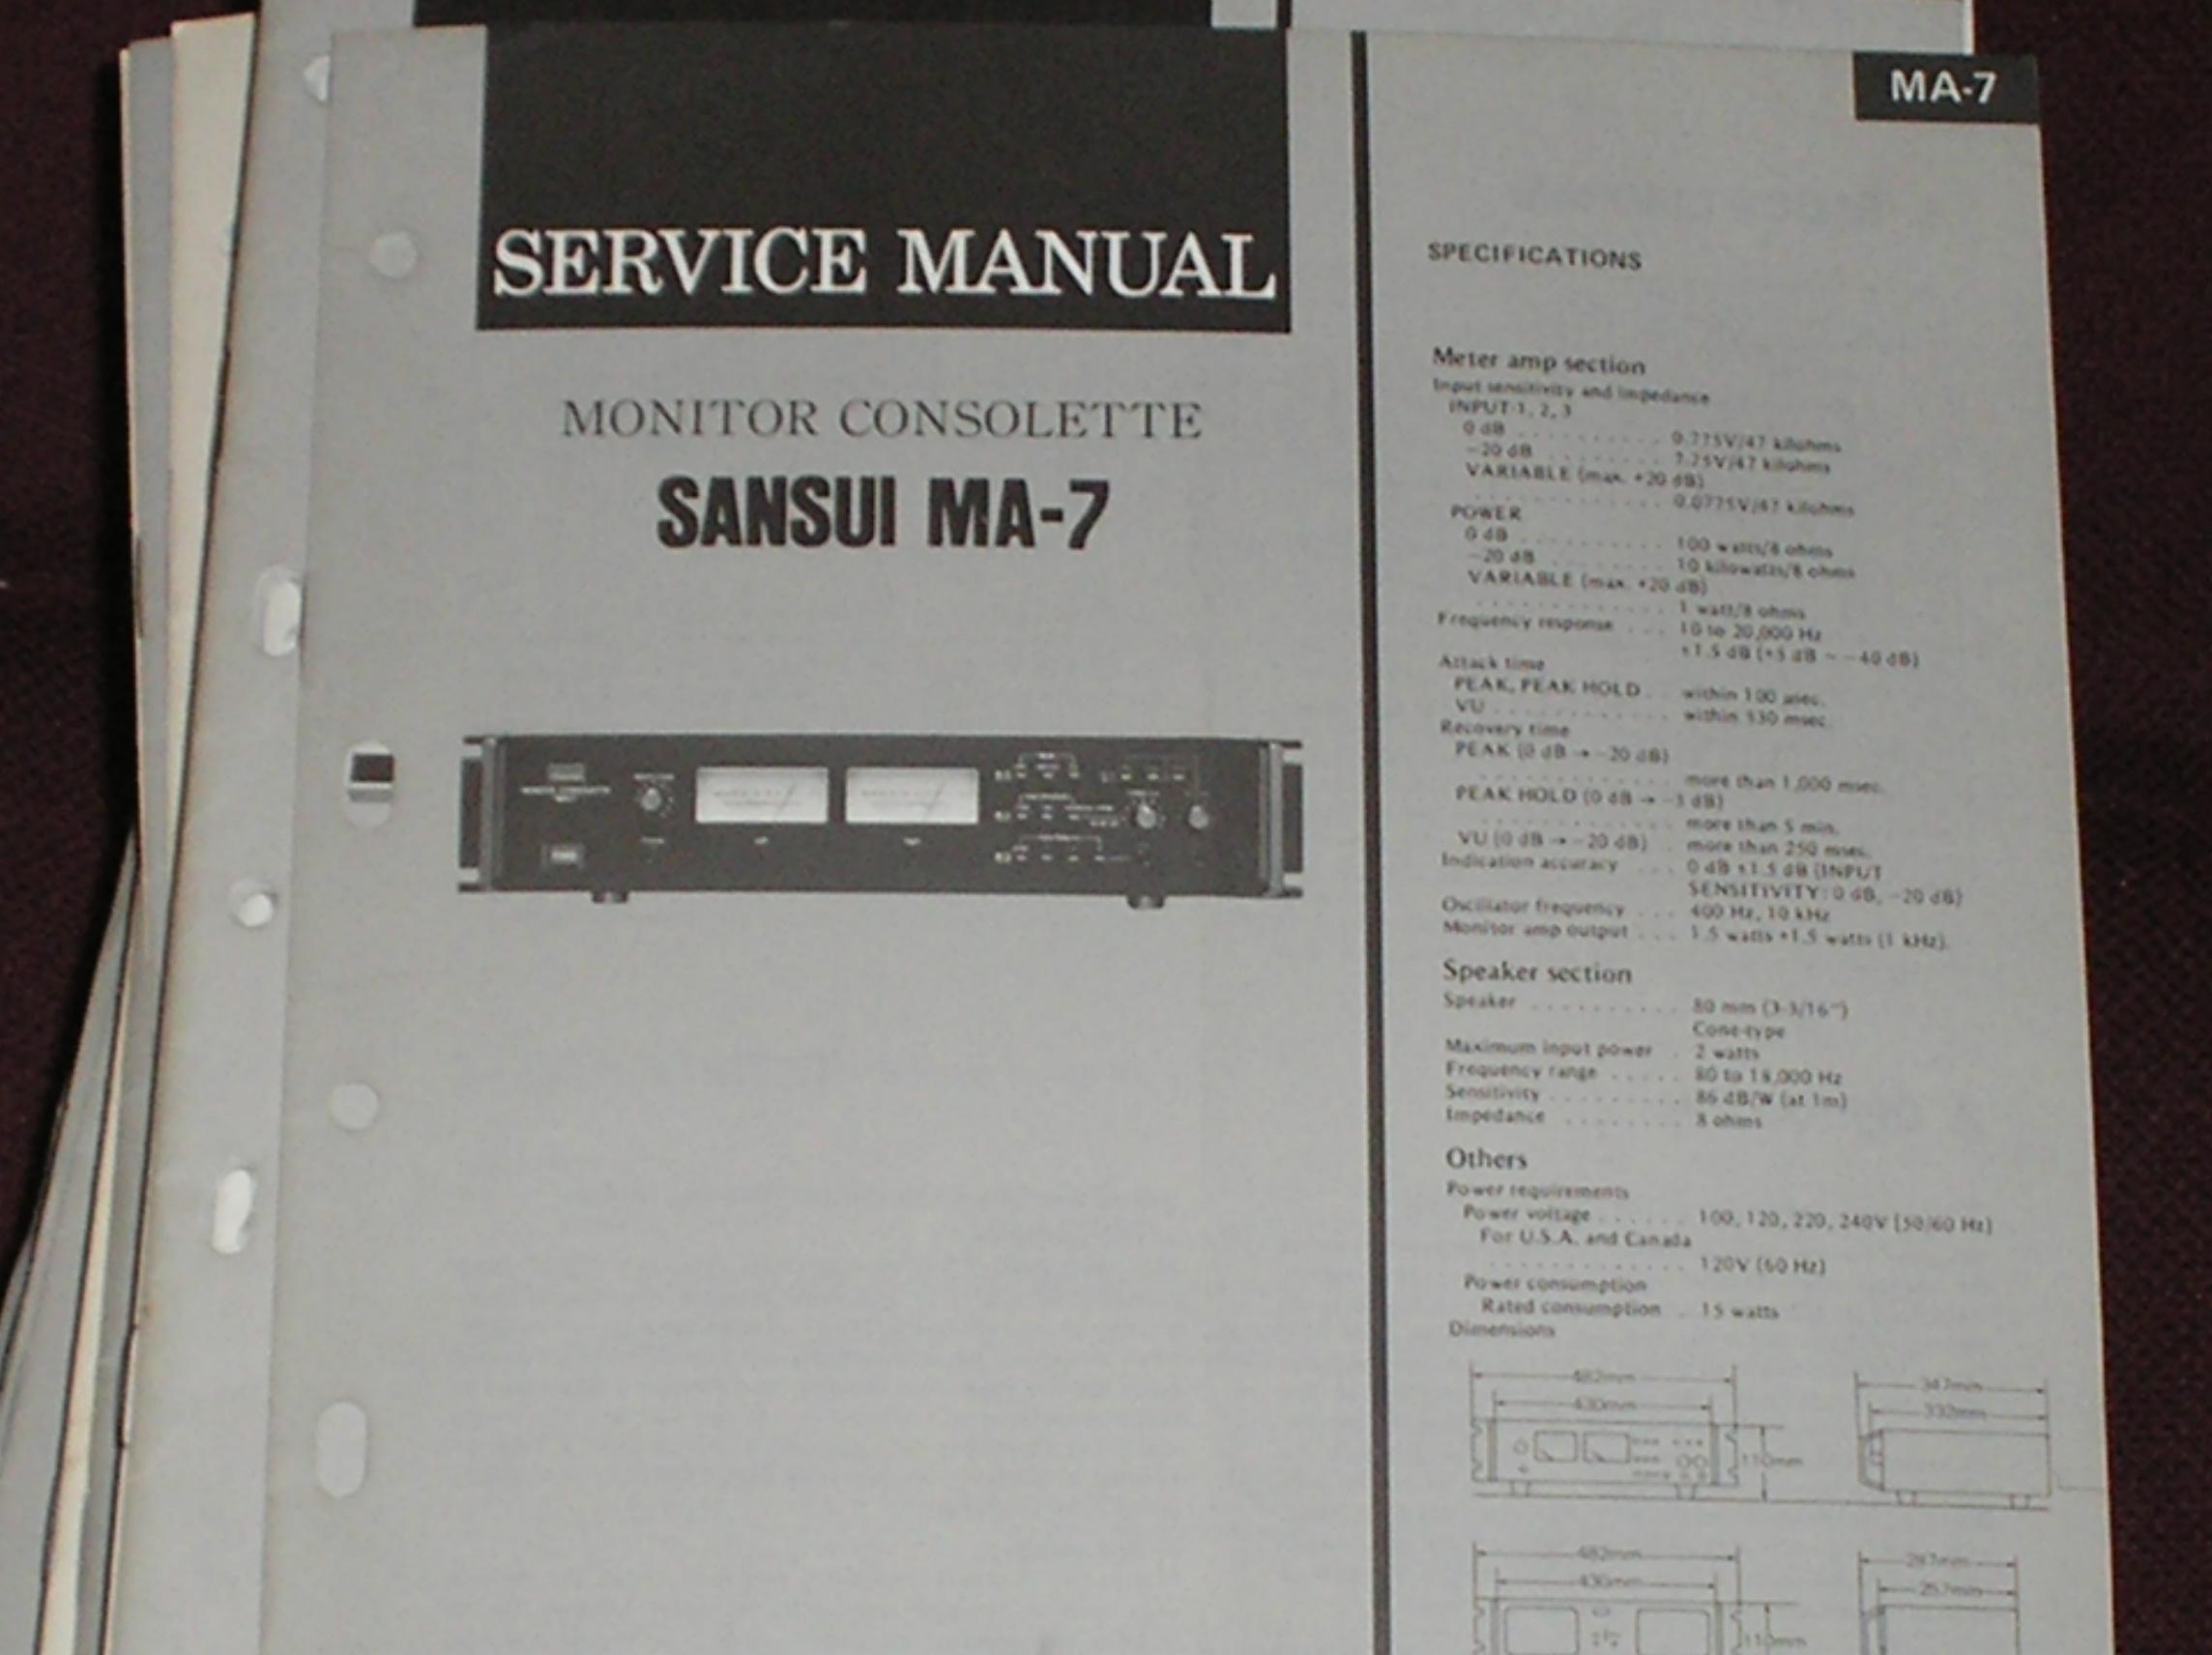 MA-7 Monitor Consolette Service Manual